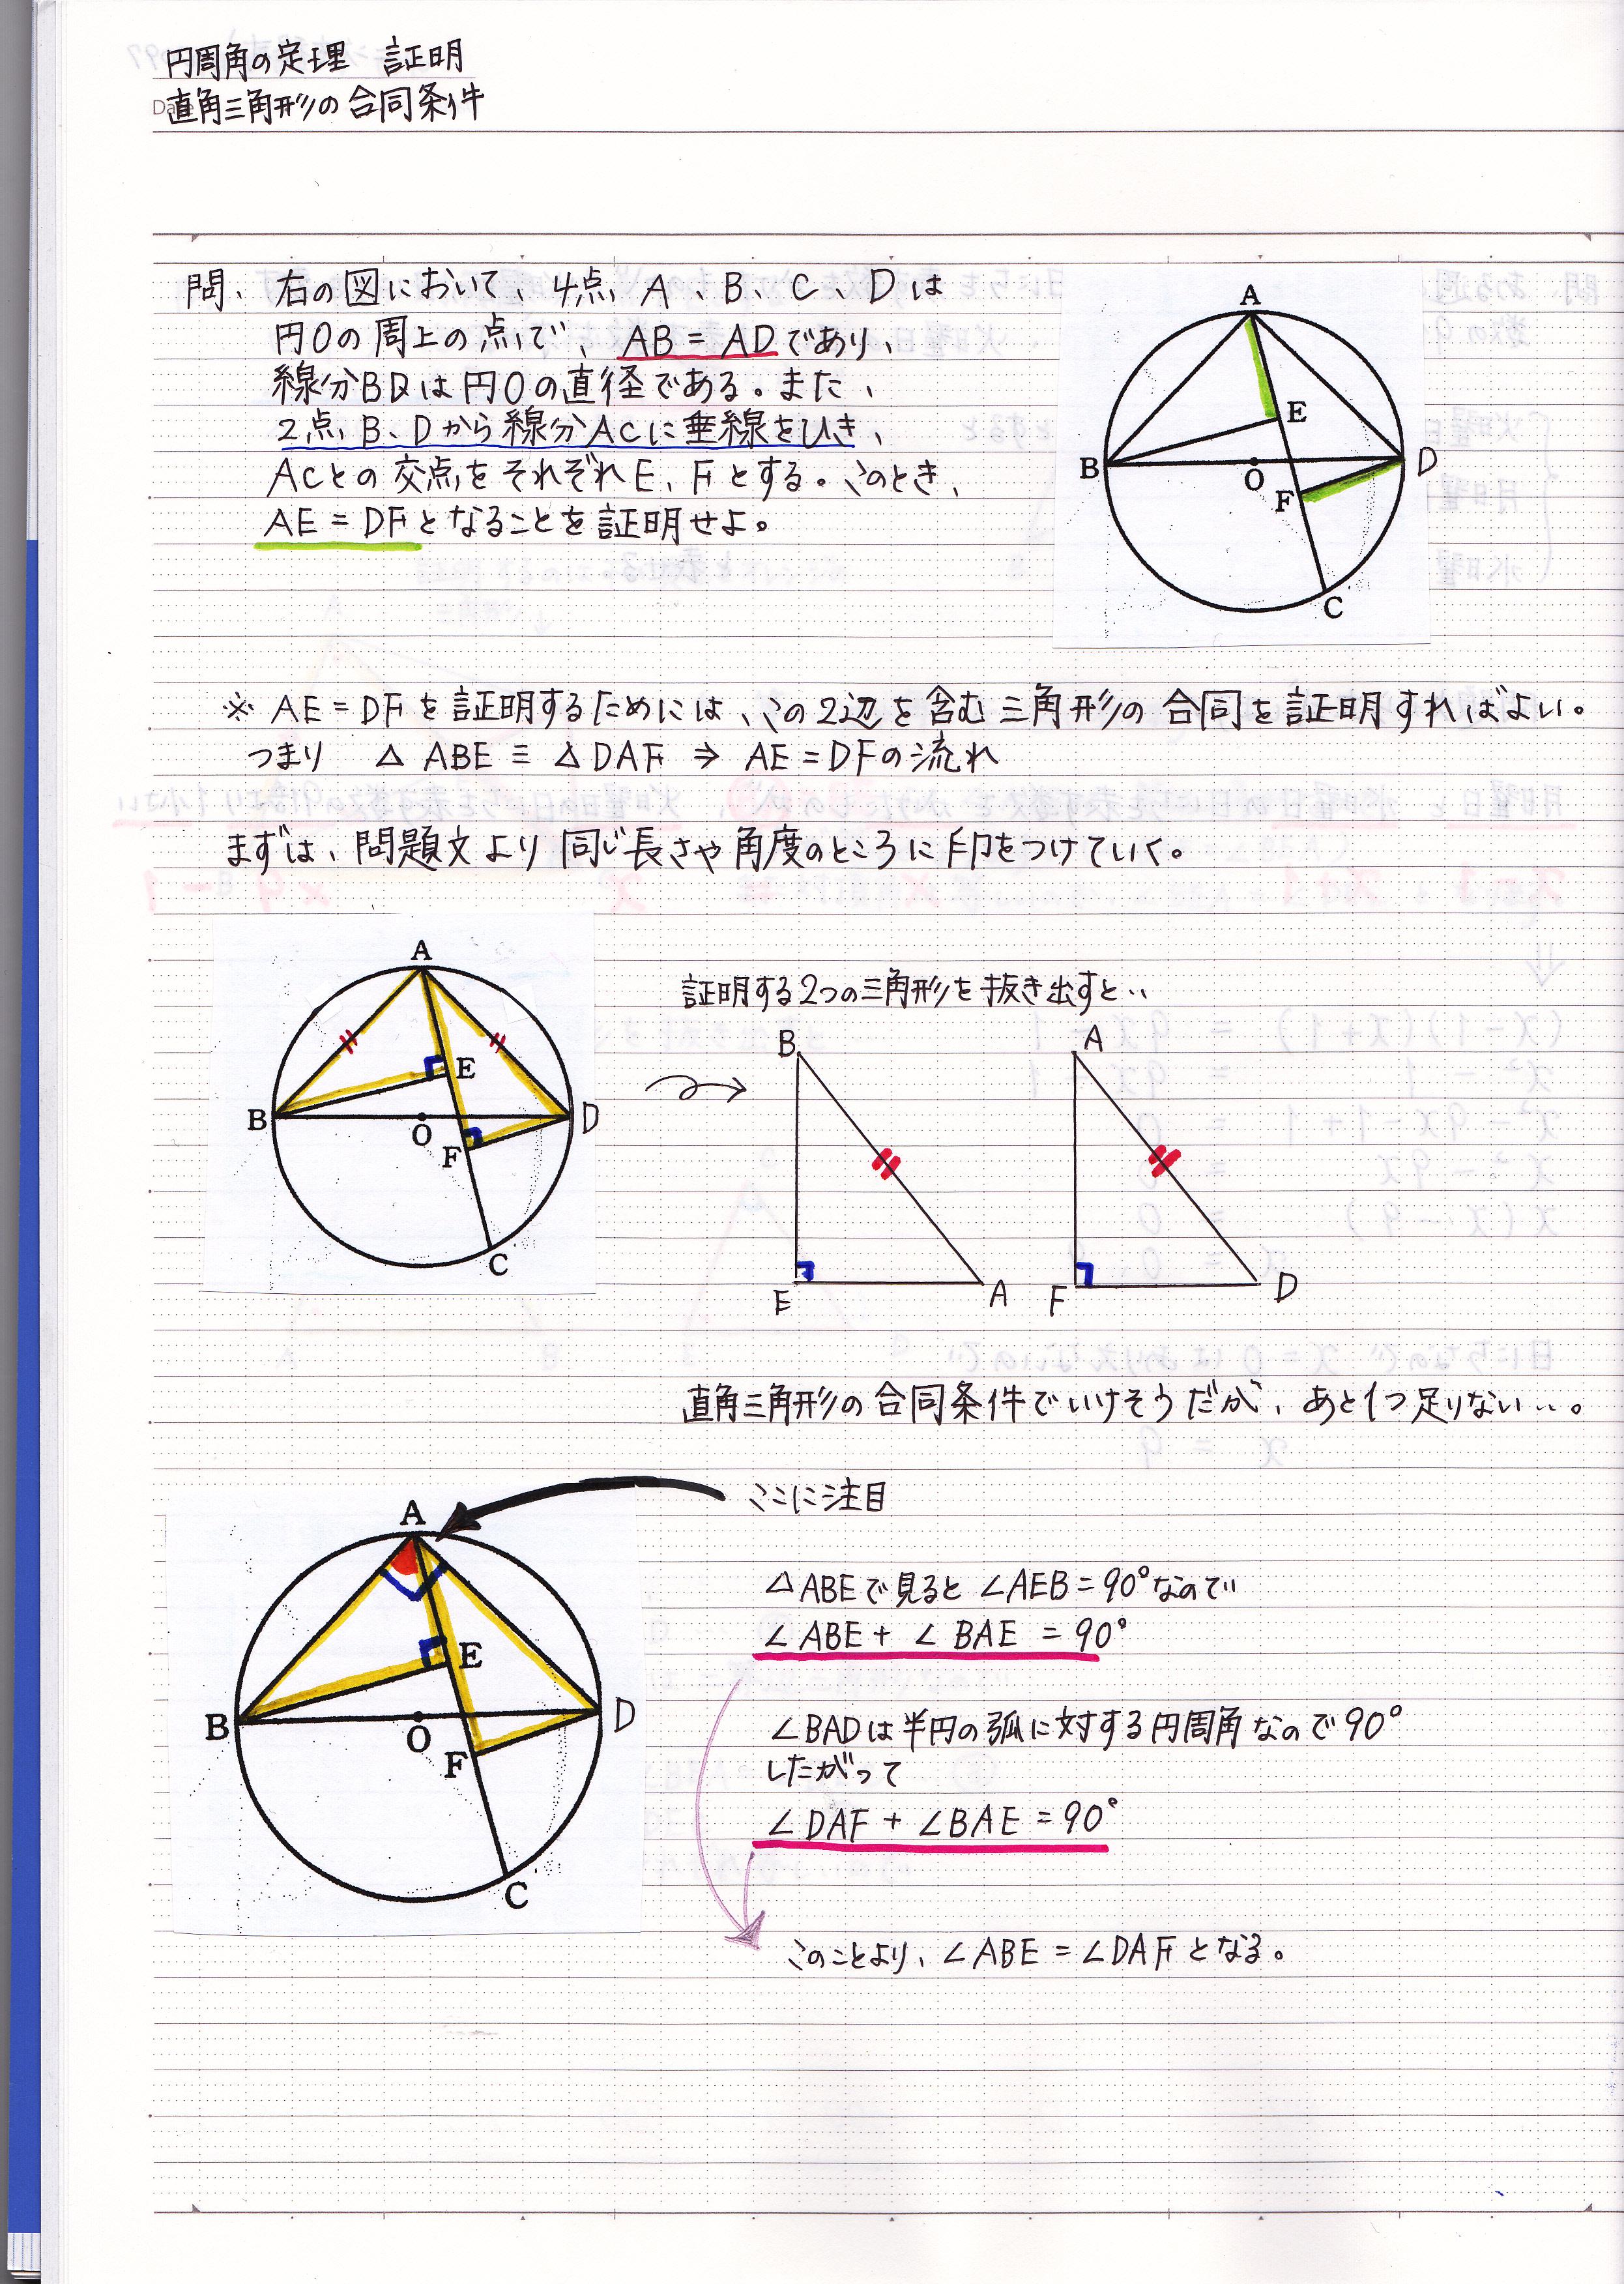 直角三角形の合同条件を使った証明問題の解き方 現役塾講師の